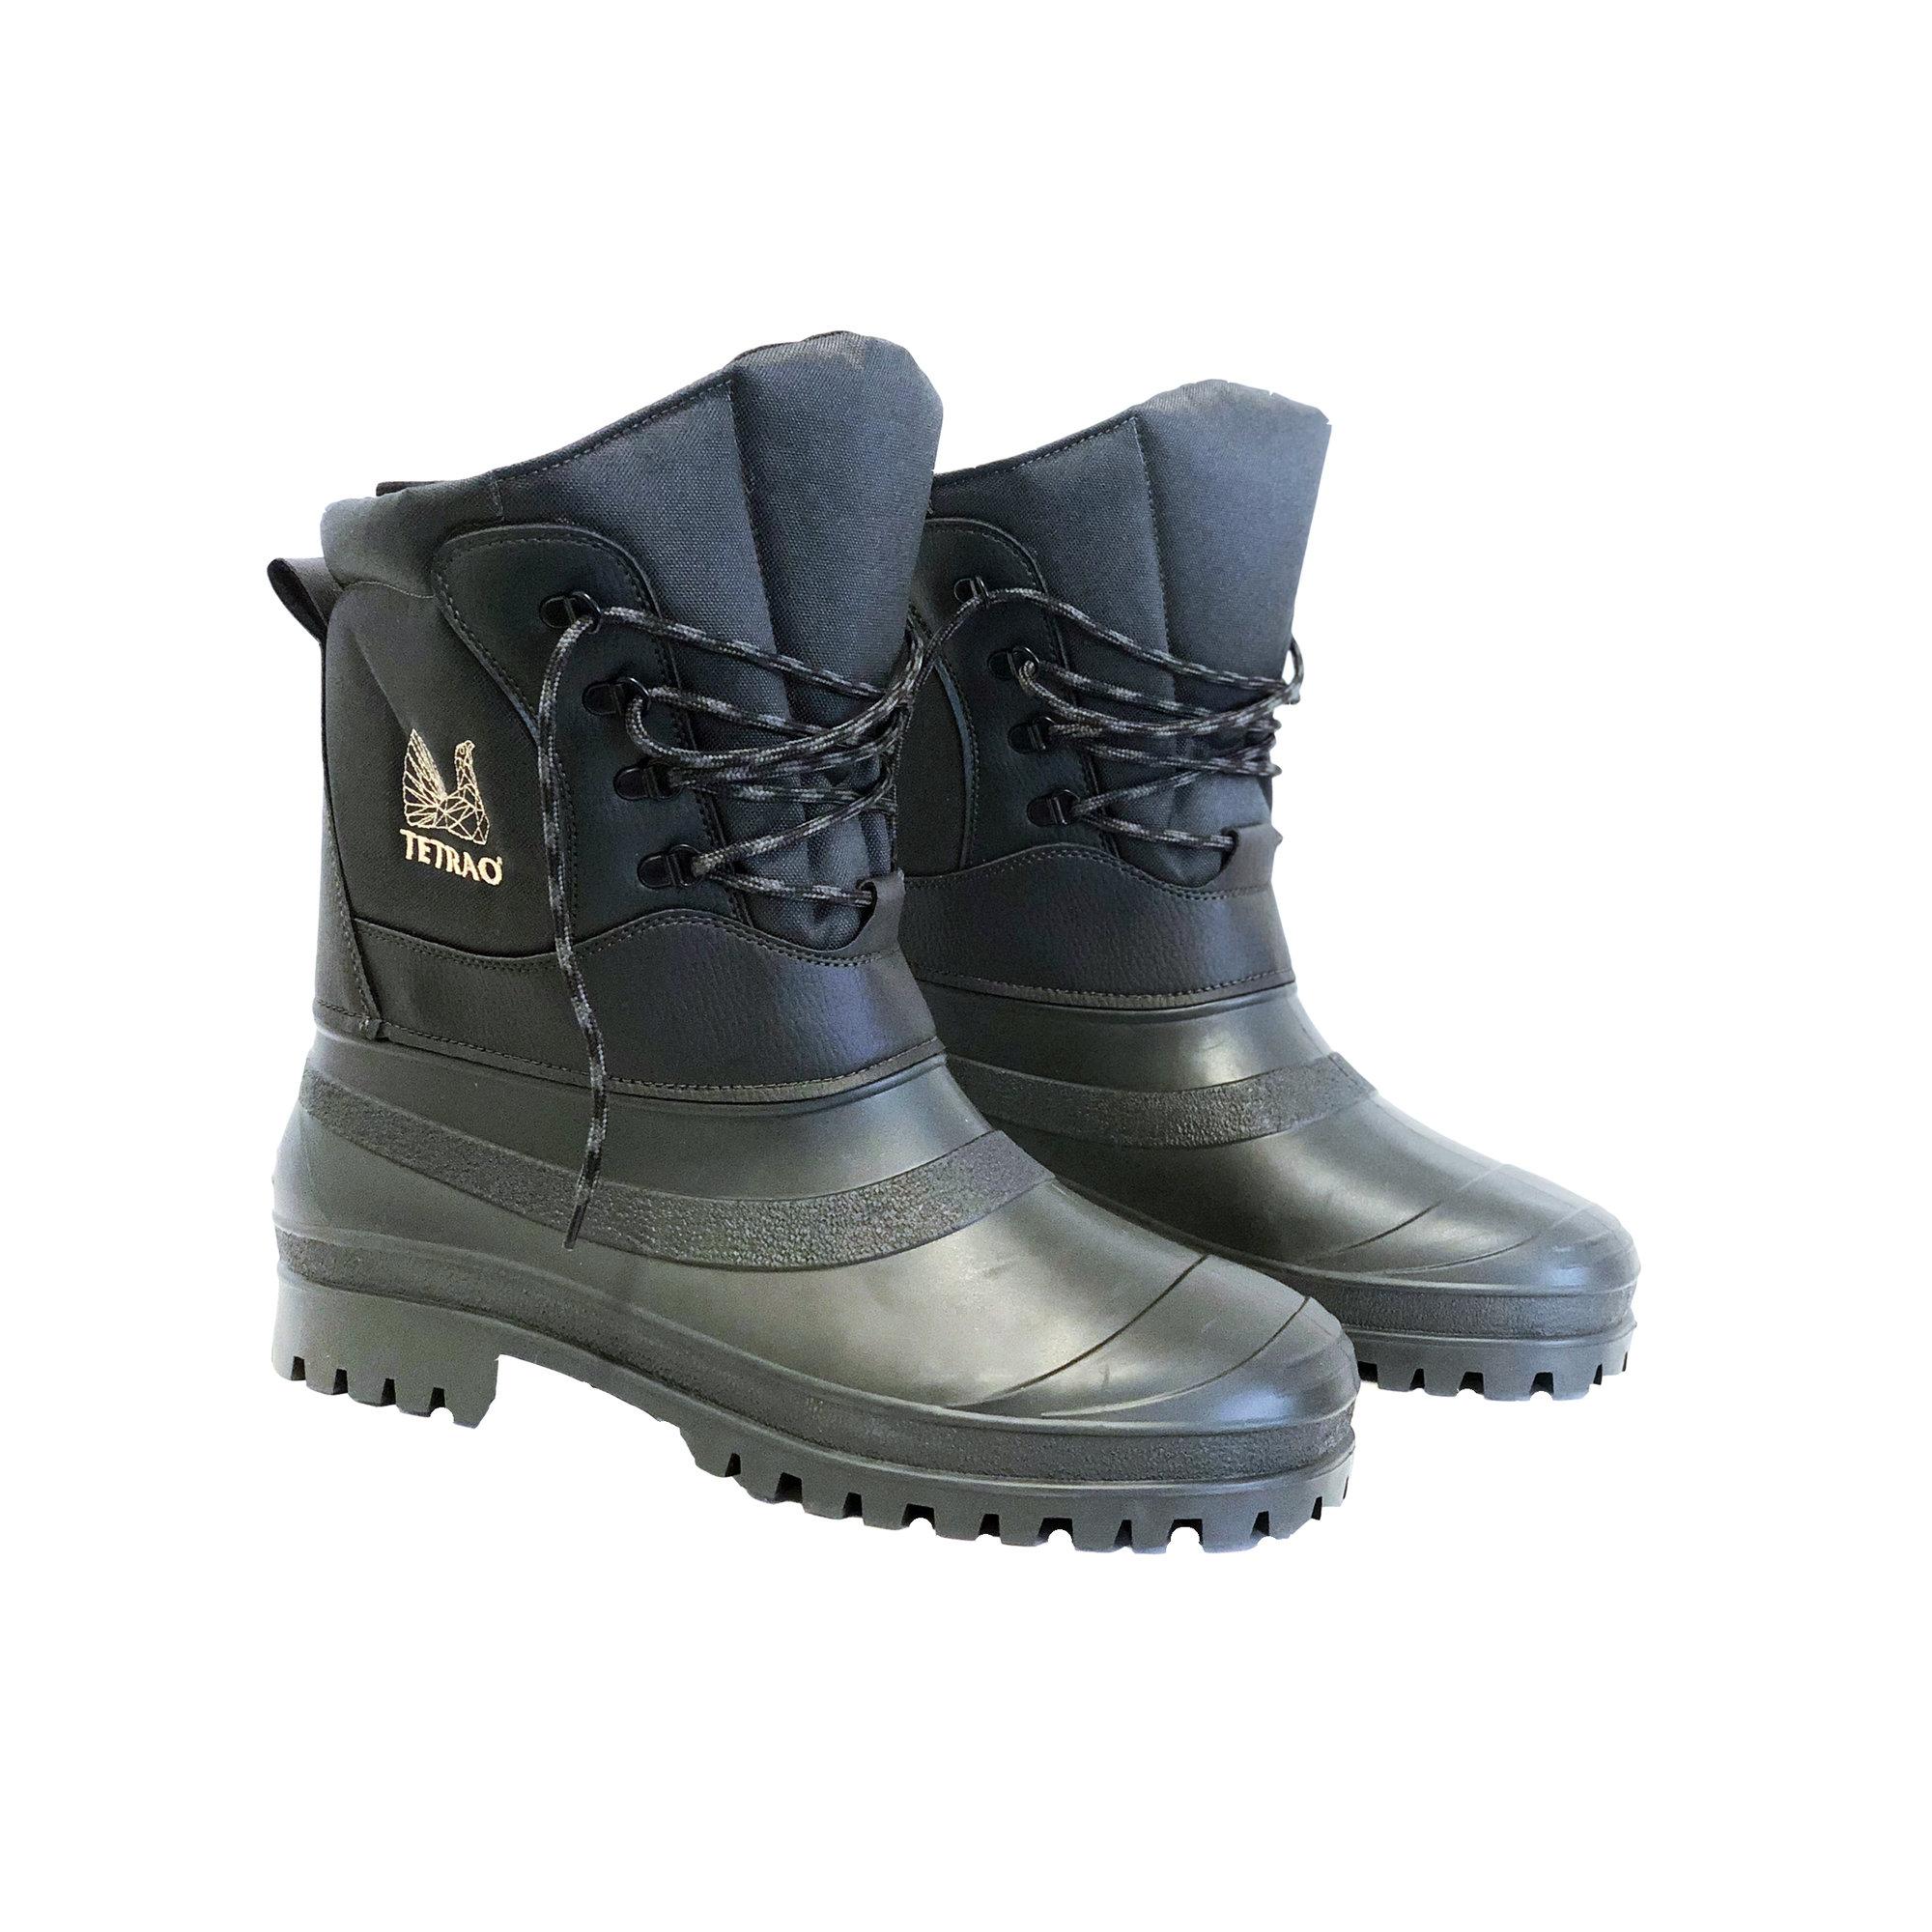 Najteplejšia gumená obuv TETRAO nízka  41/42